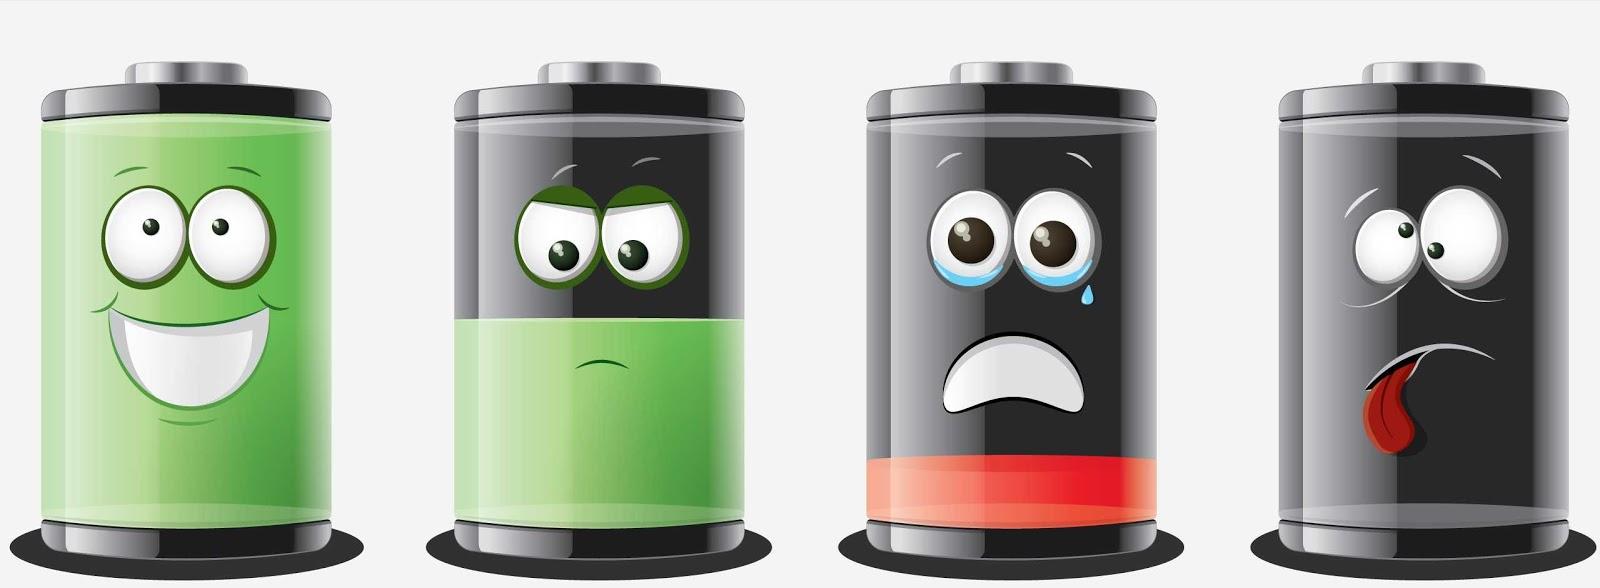 whatsapp draining your battery